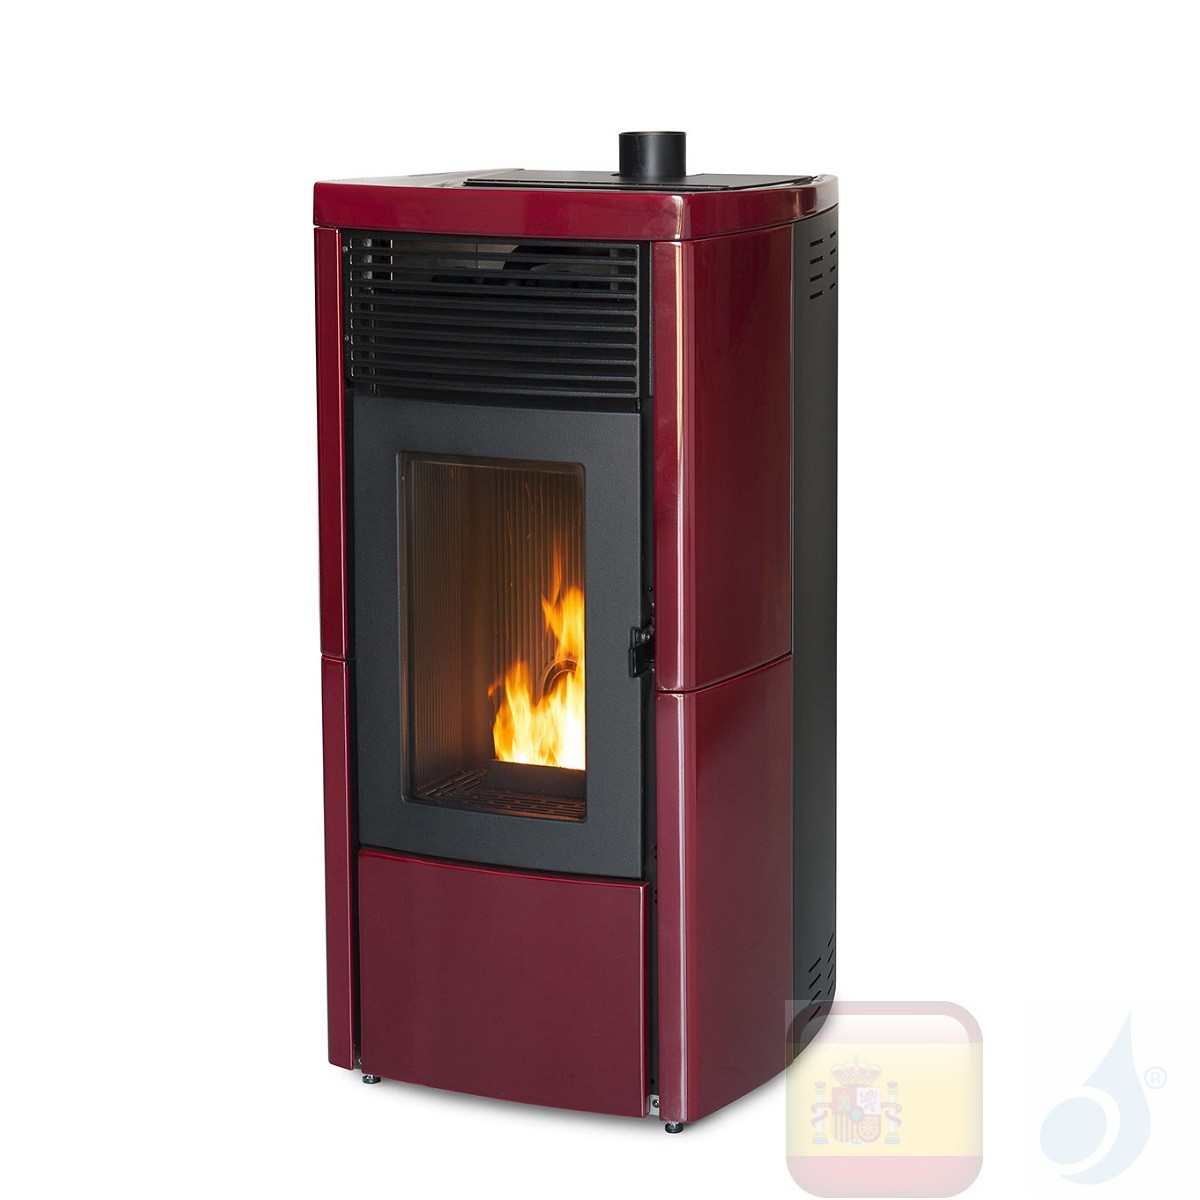 Estufa termo de pellets MCZ 11.9 kW Star Hydromatic 12 M1 Bordeaux